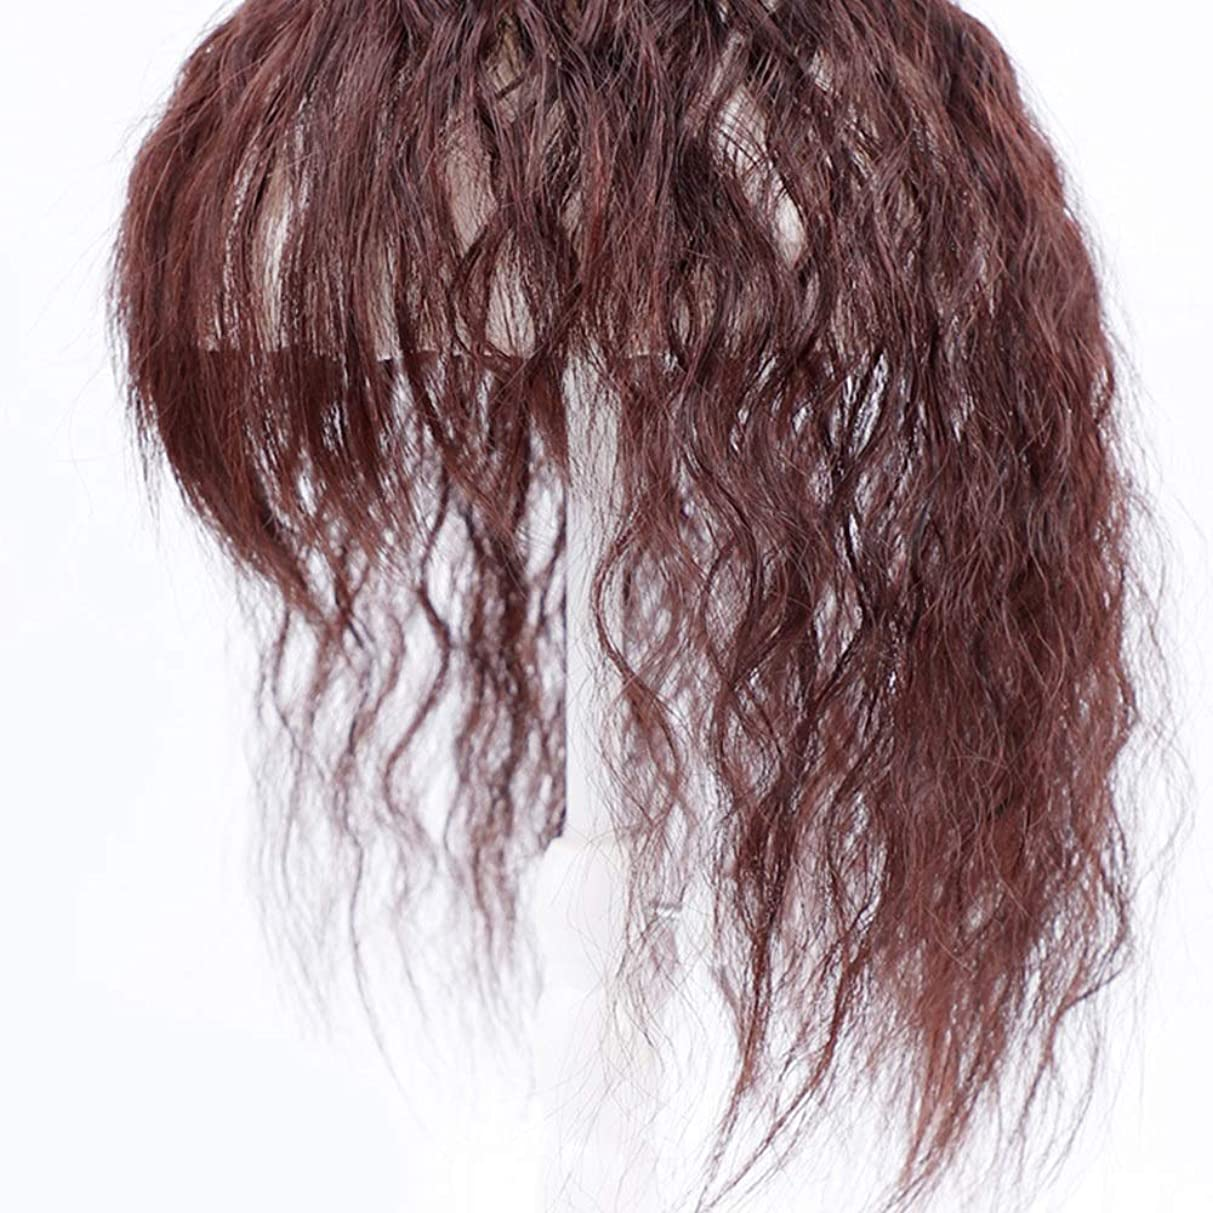 リア王踏み台たらいBOBIDYEE ヘアエクステンションダークブラウンウィッグパーティーかつらで女性のクリップのためのコーンの長い巻き毛 (色 : Dark brown, サイズ : 25cm)